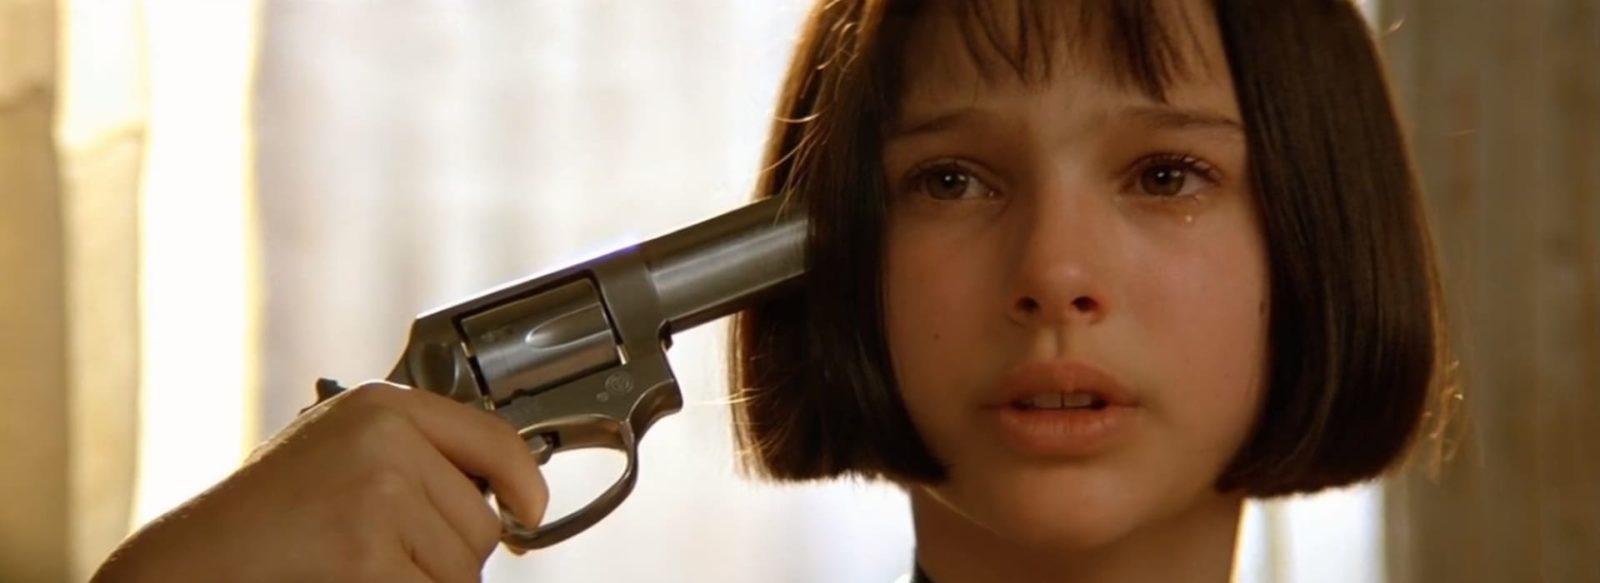 Матильда наставляет пистолет к виску. Фильм Леон